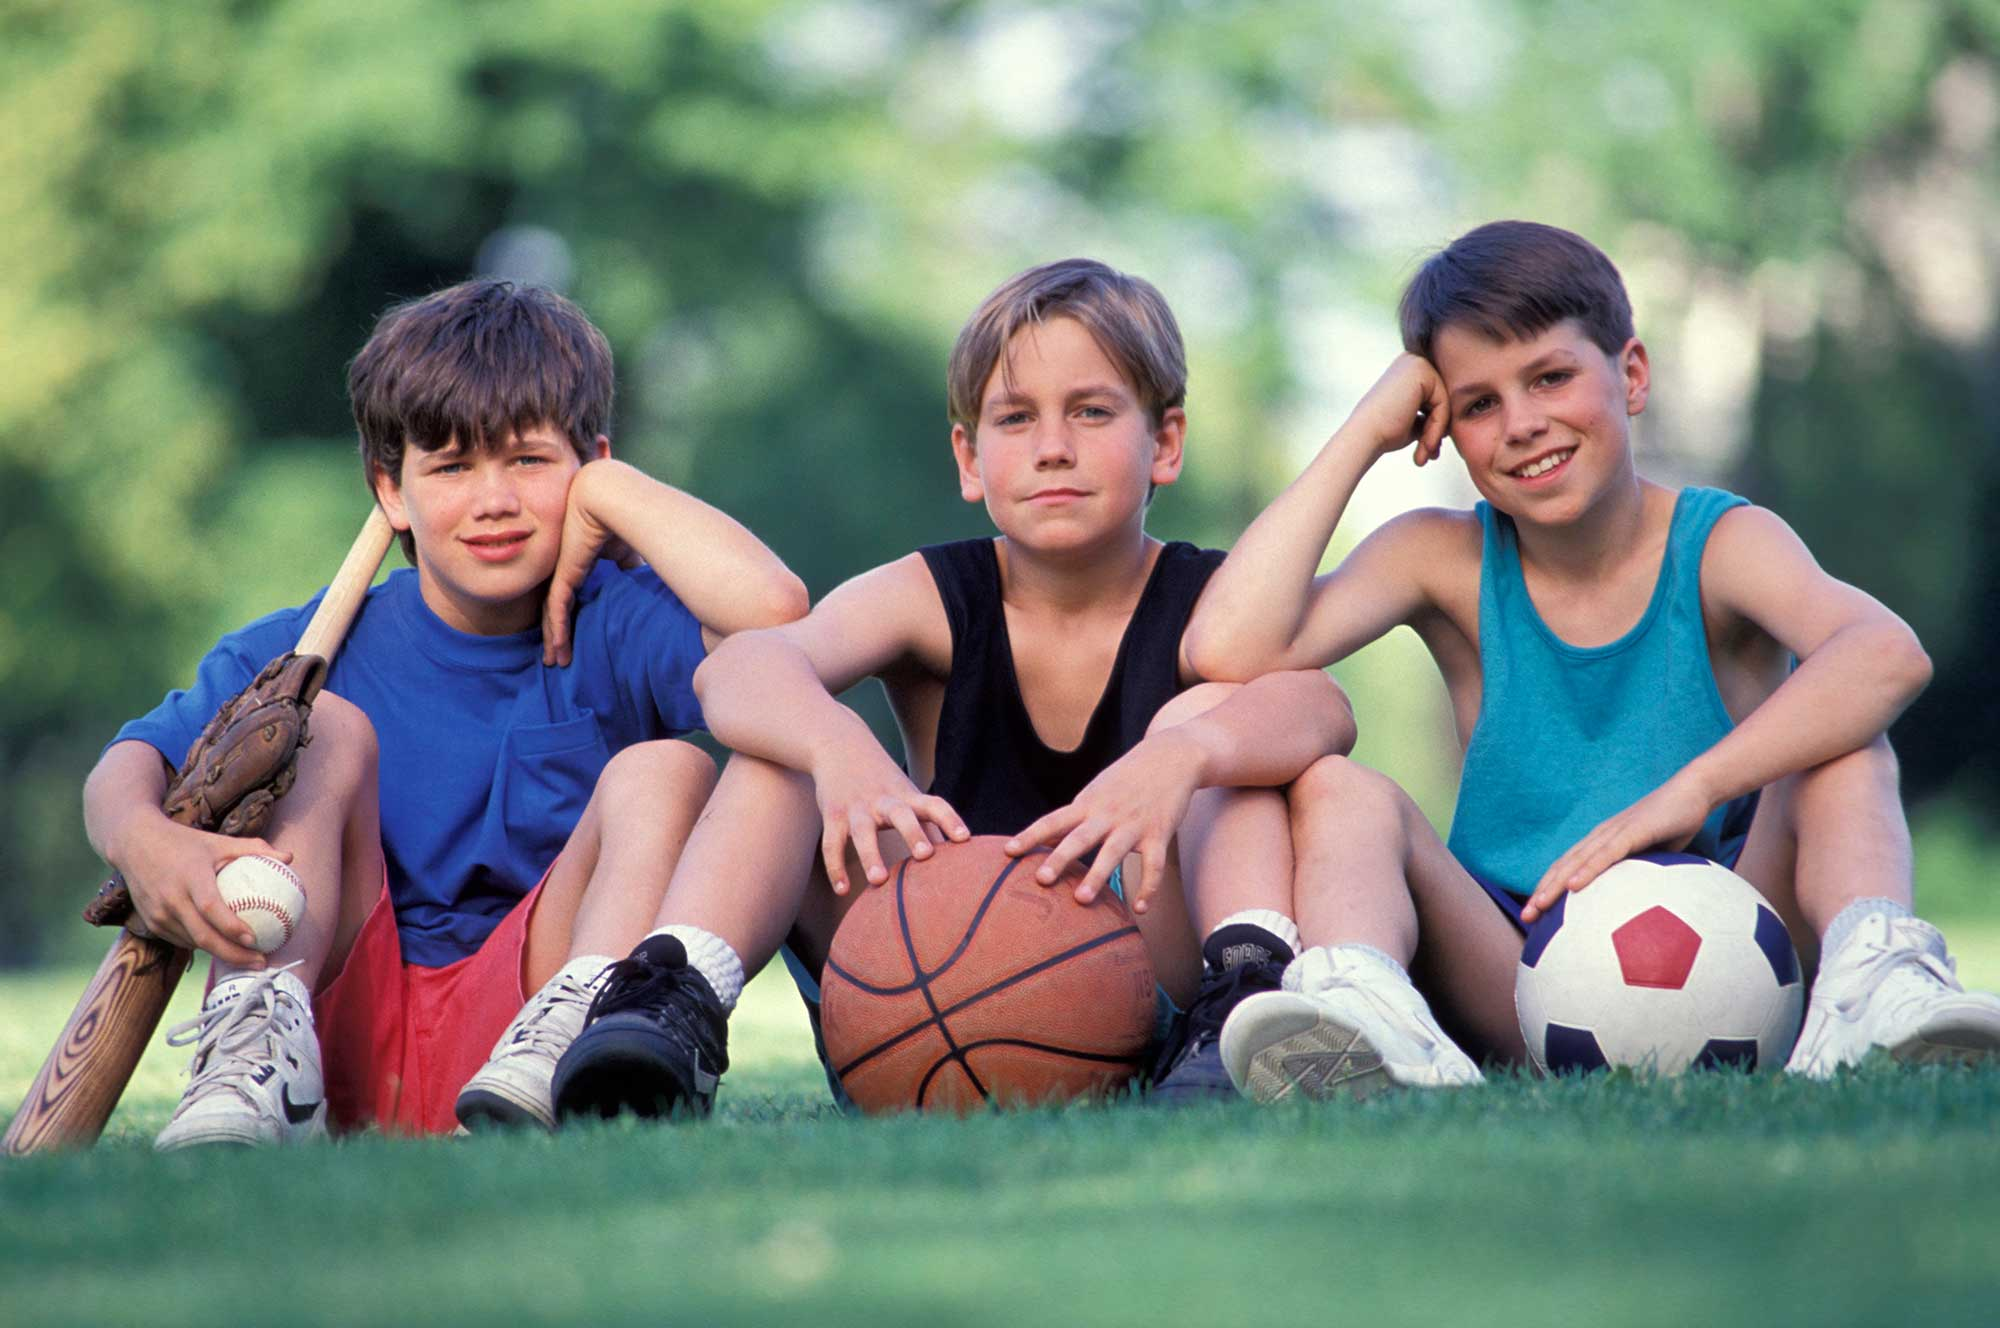 Actividades extraescolares para niños: deporte